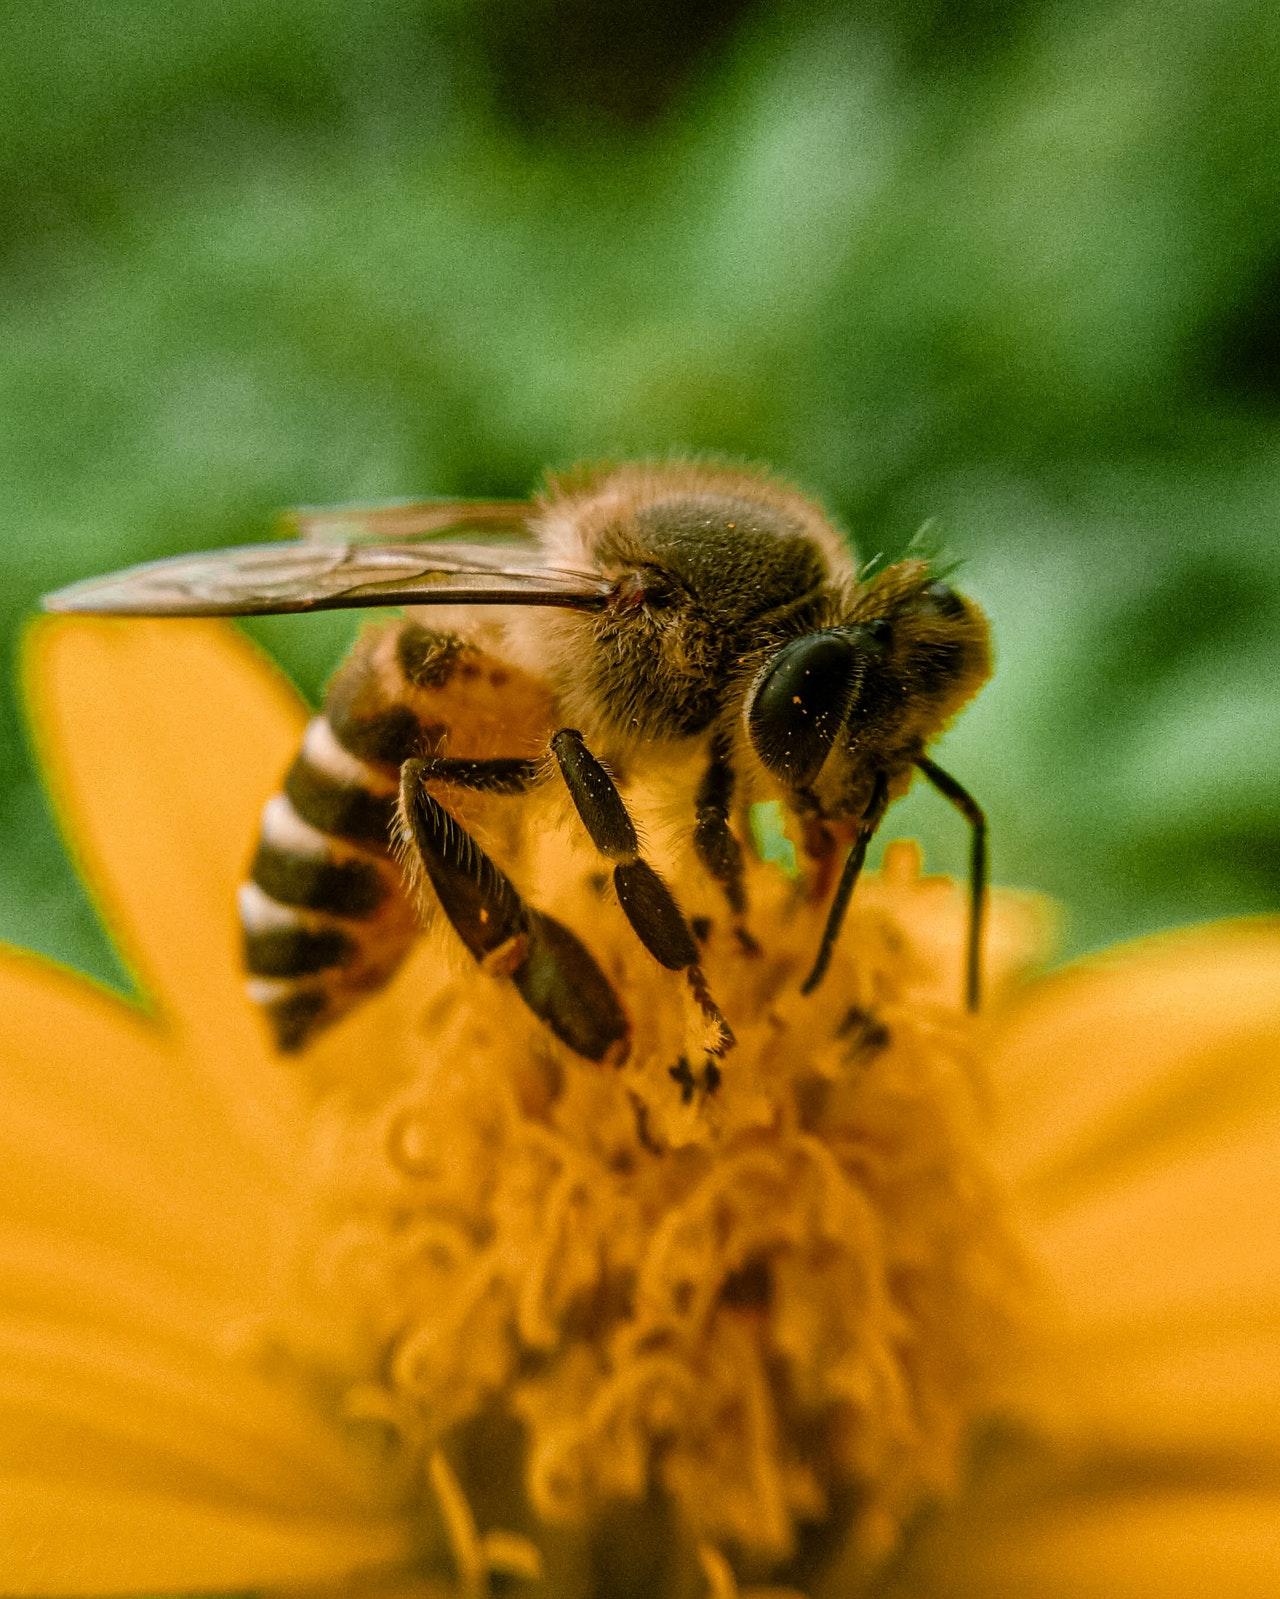 Arı görseli - arıcılık